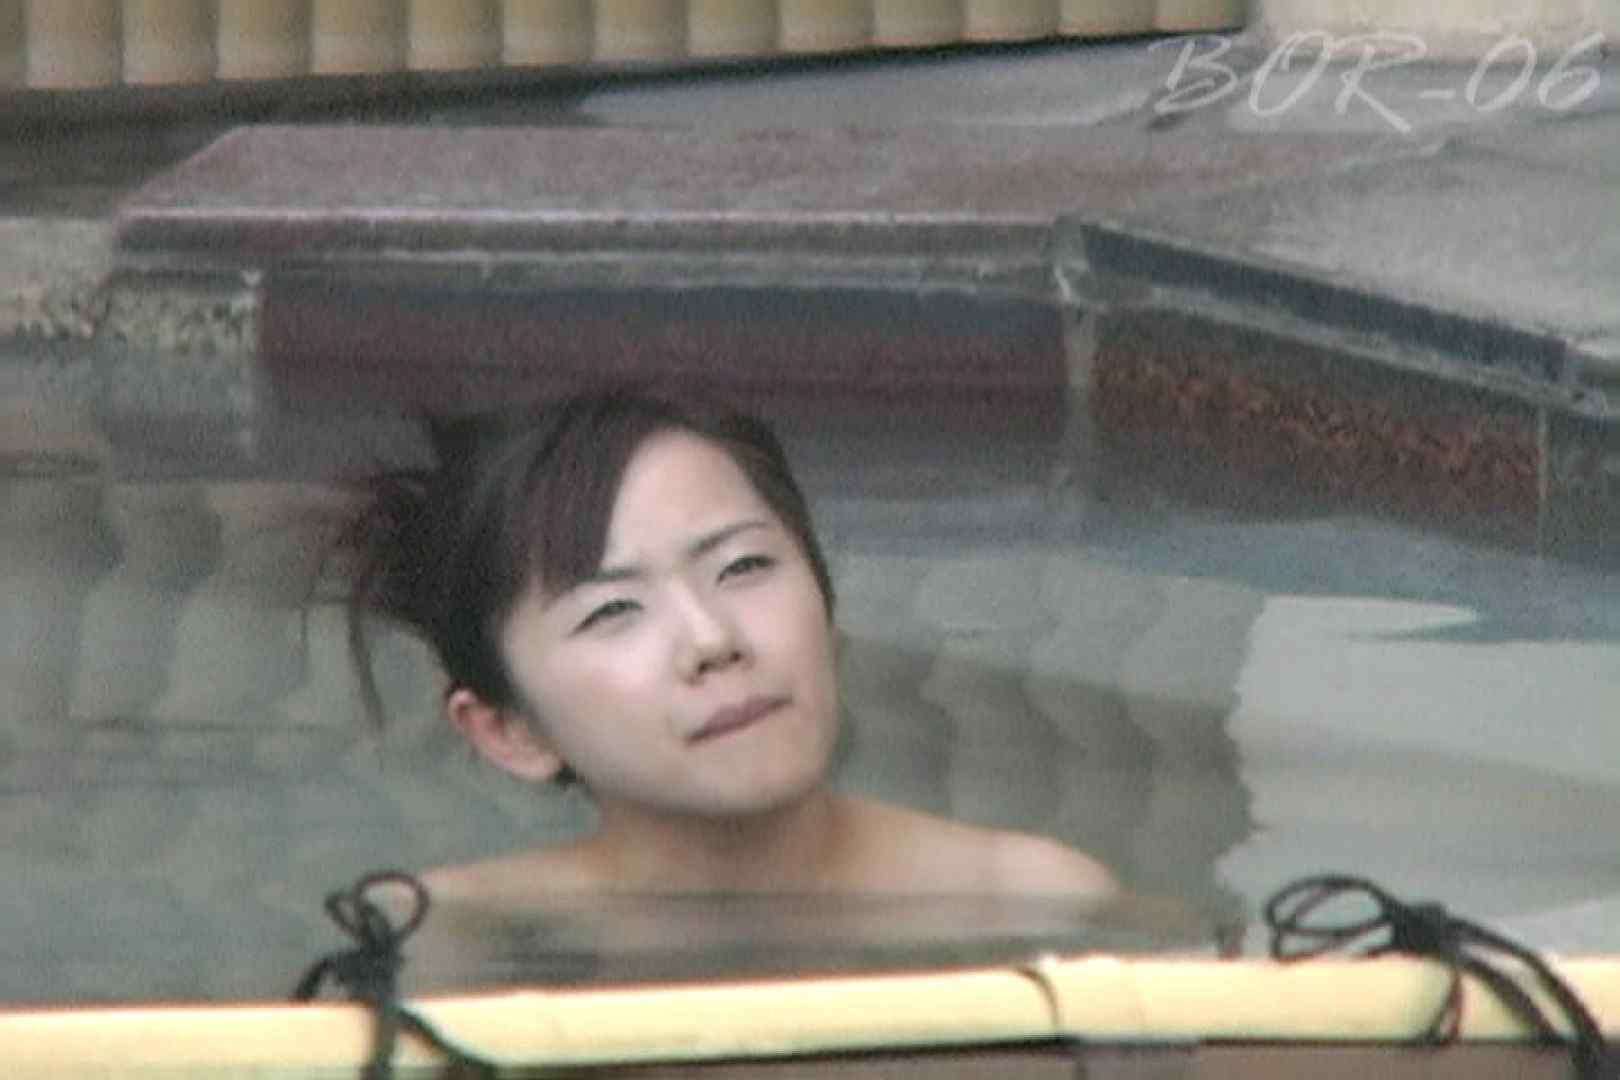 Aquaな露天風呂Vol.521 露天 | 盗撮  96pic 59